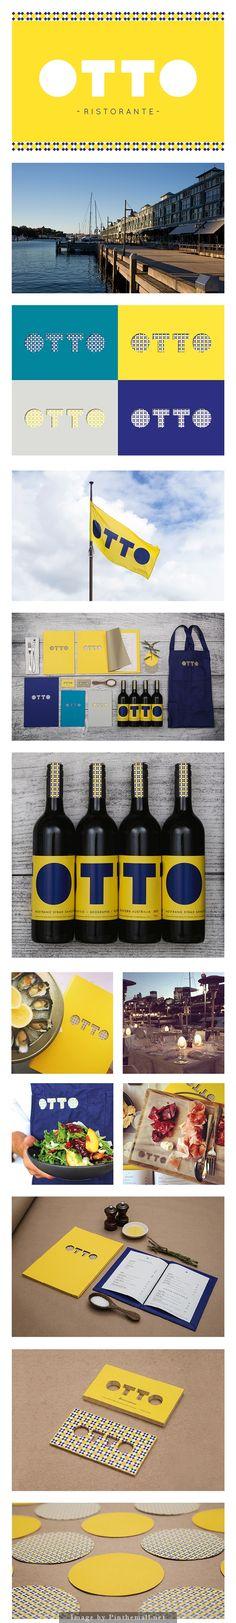 Otto Restaurant branding #design #logo #branding